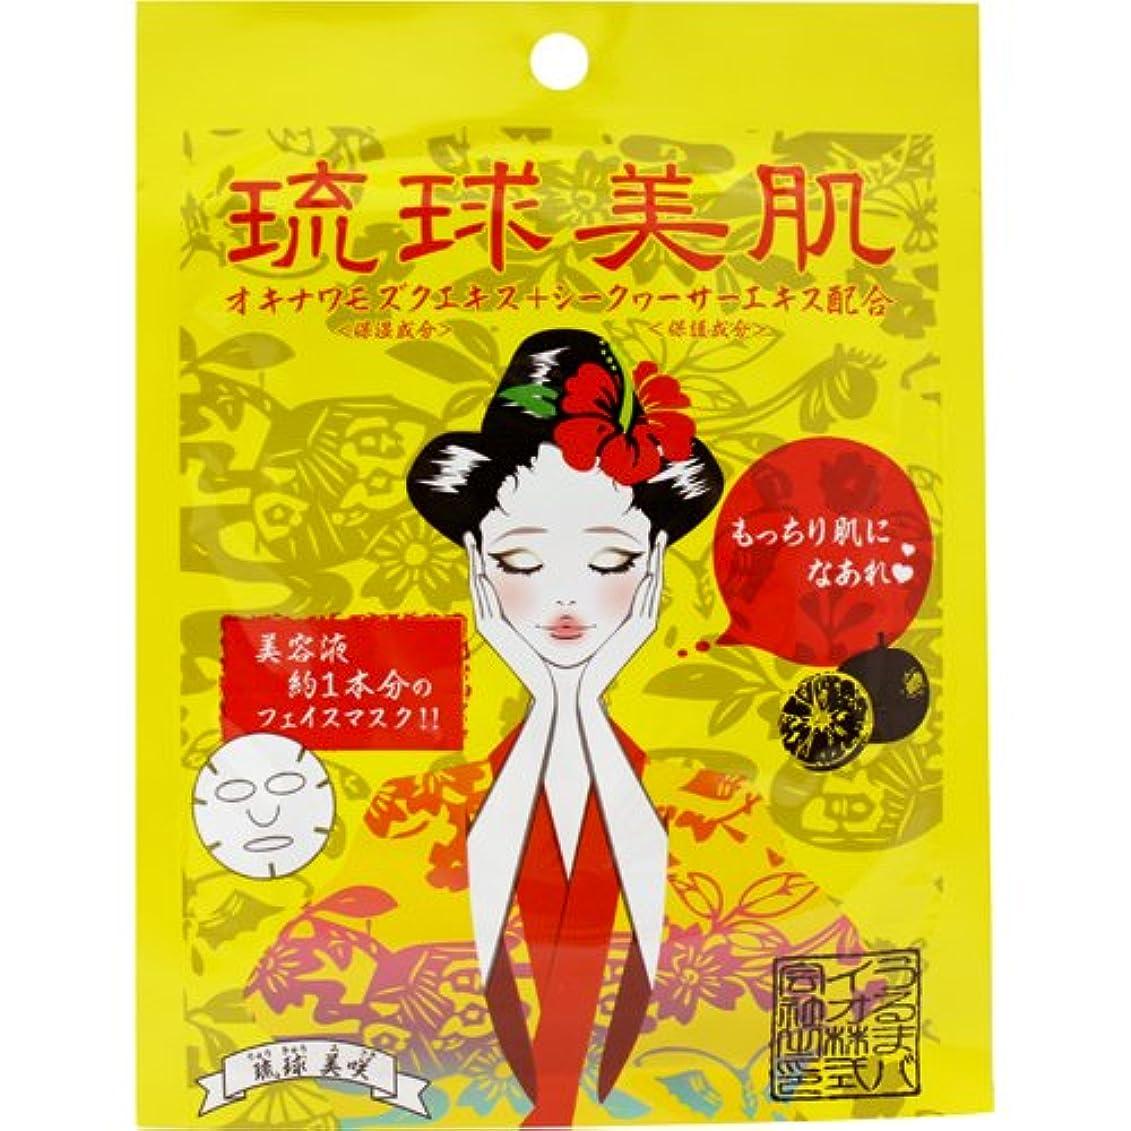 約設定貫通するタヒチ琉球美肌フェイスマスクシート黄 (シークァーサーの香り)×10パック